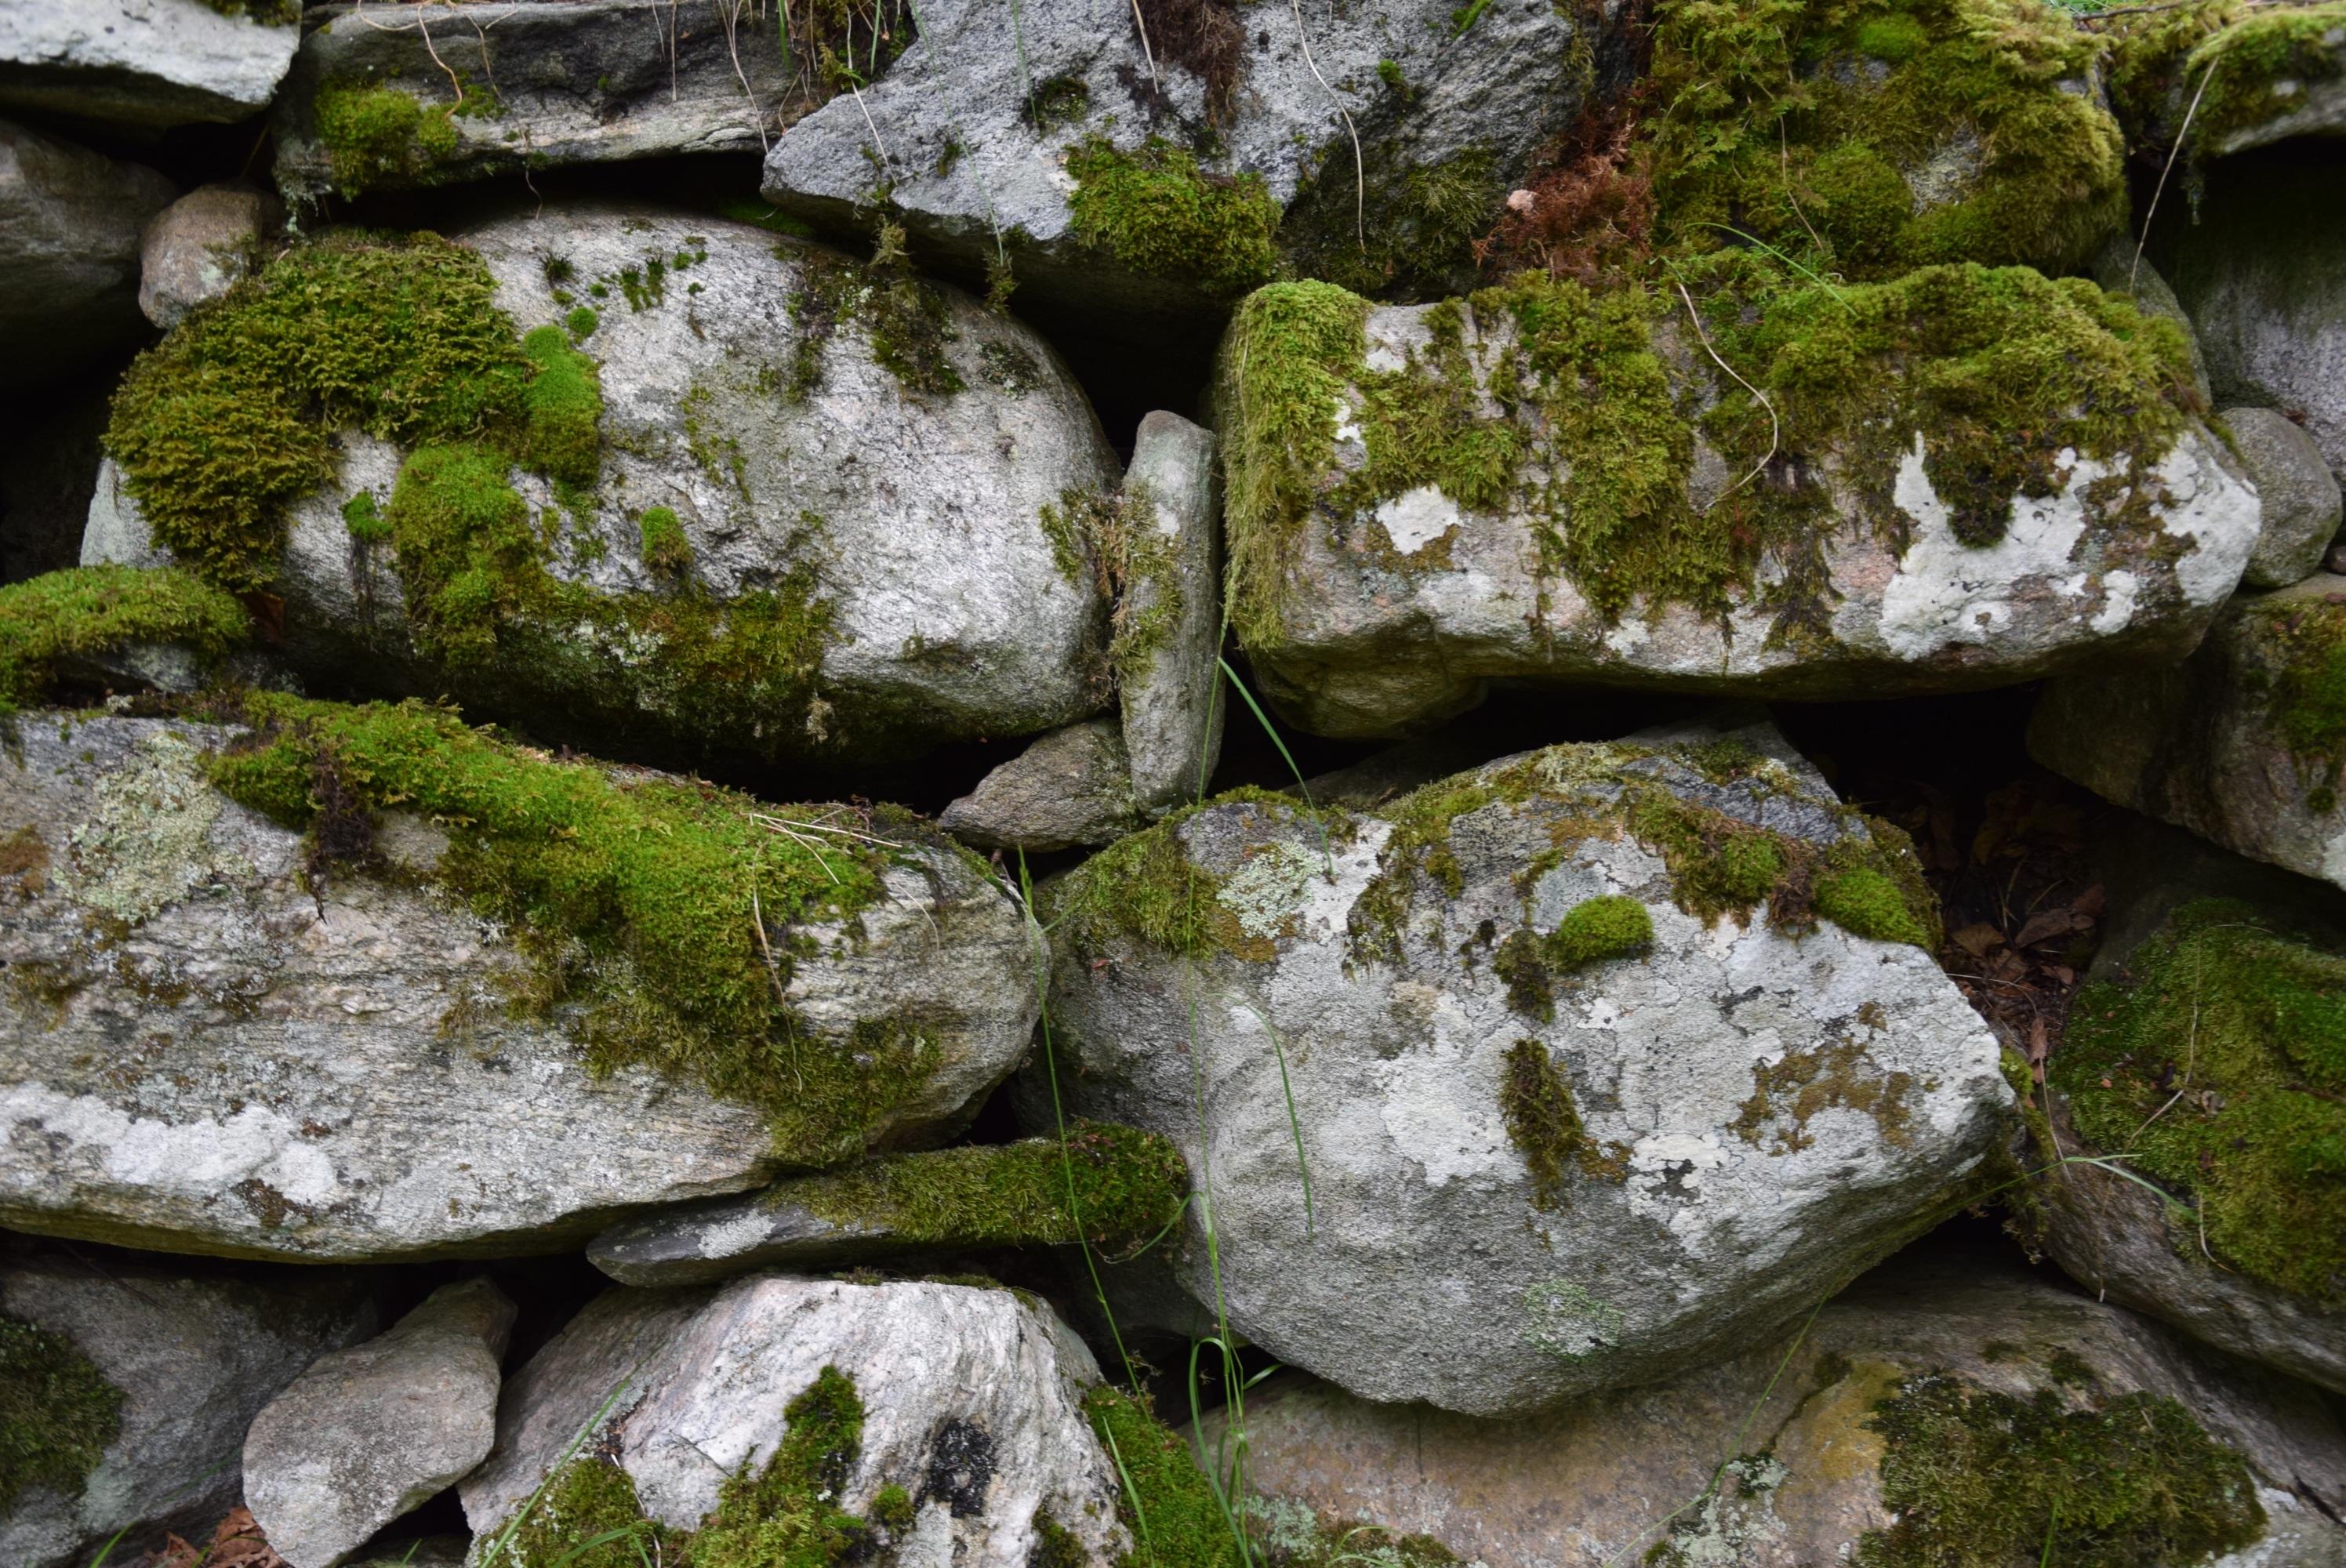 картинки старых камней занимается благотворительностью